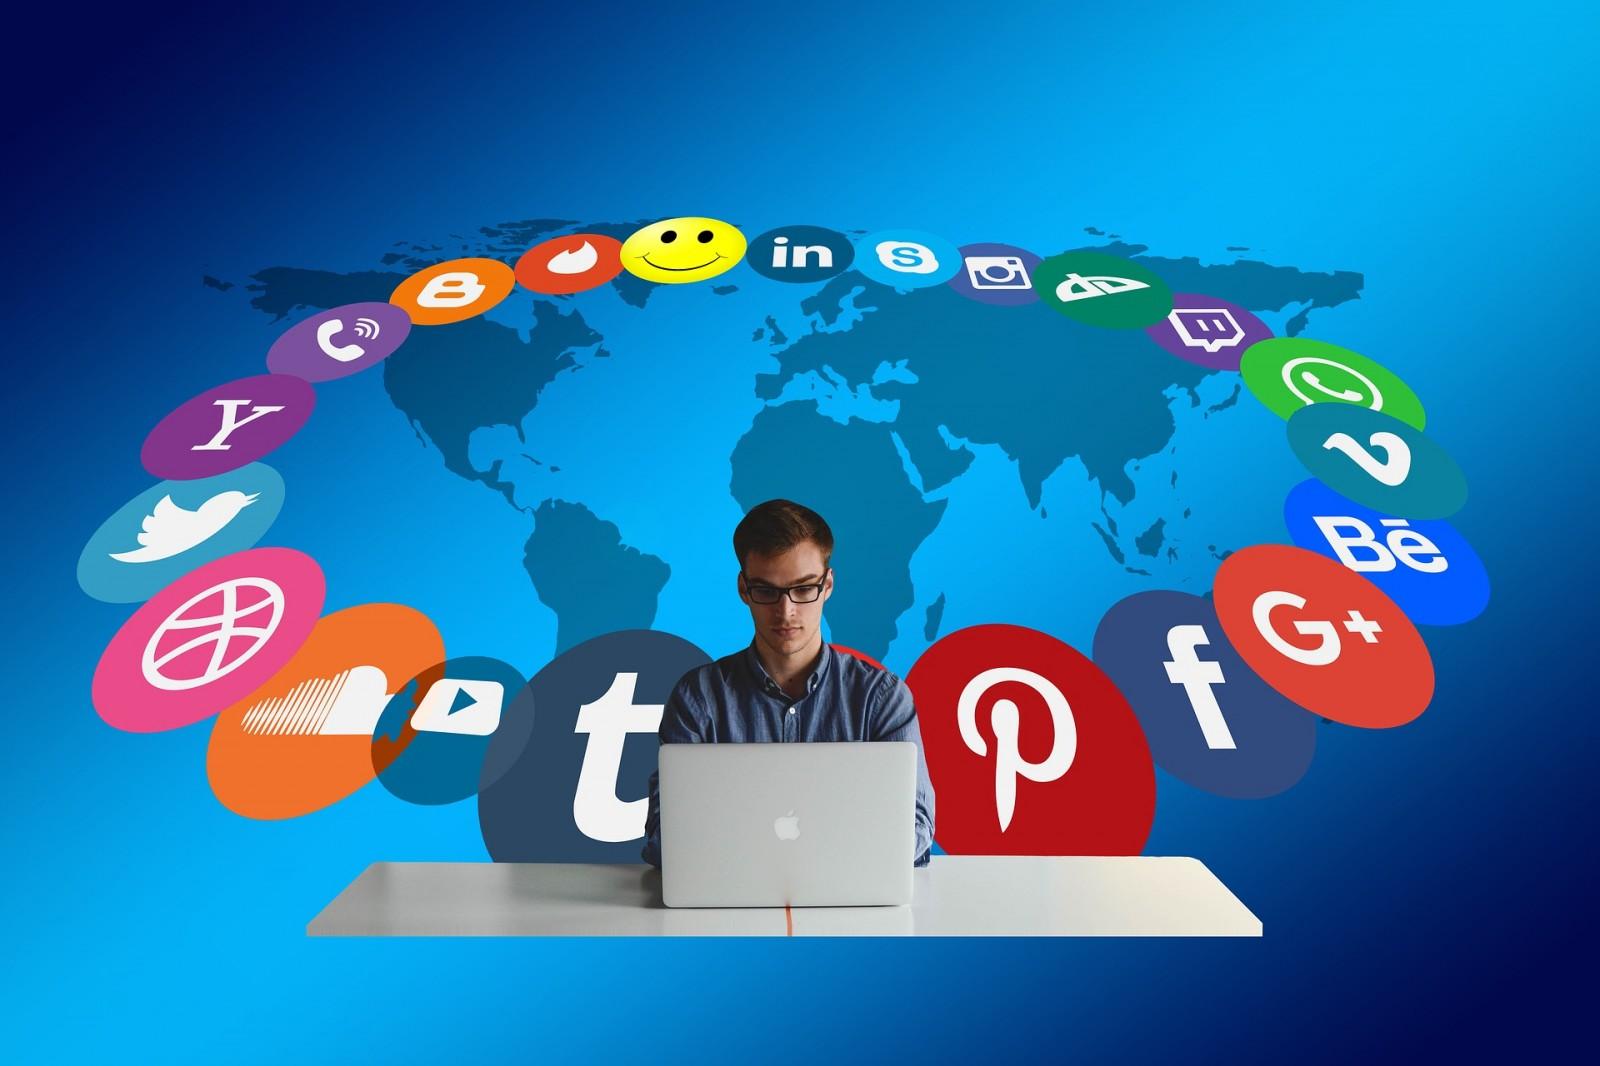 Vezetés tanulás online